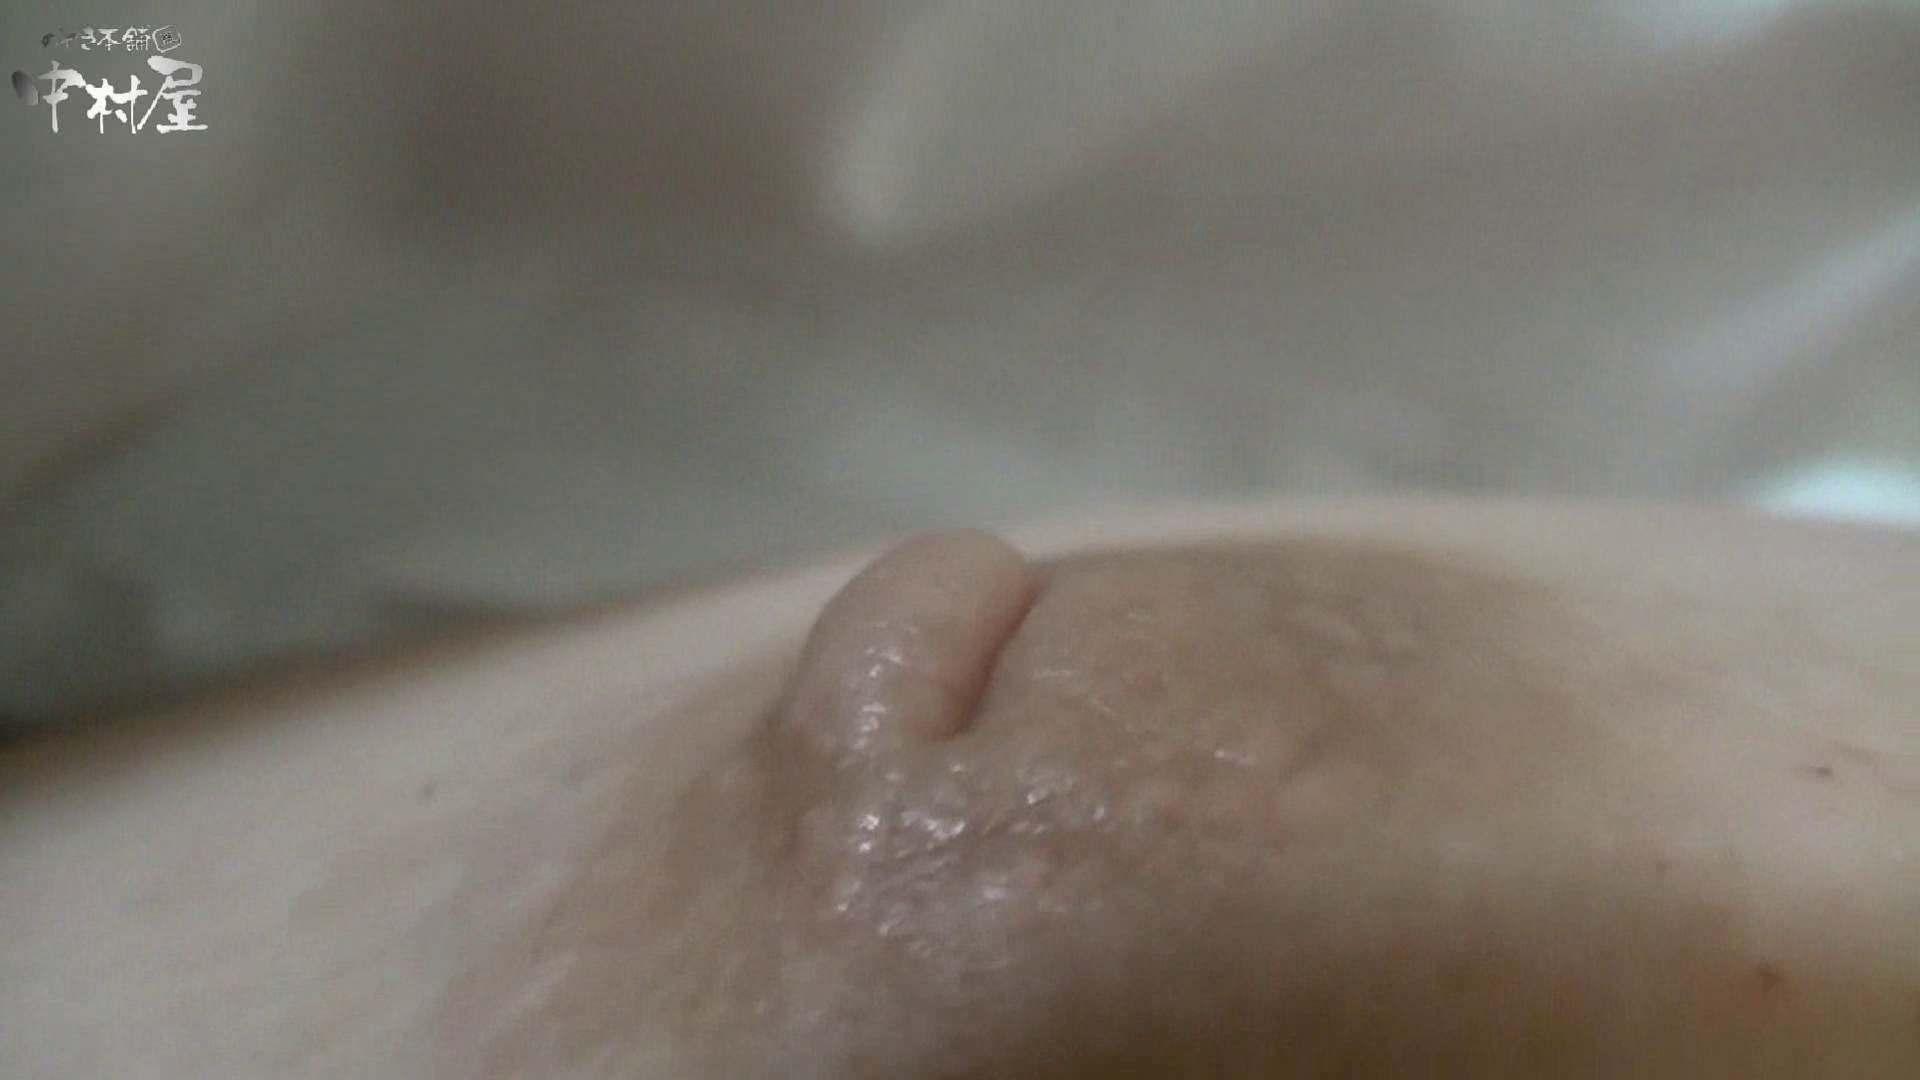 ネムリ姫 vol.40 前編 現役ギャル セックス画像 95pic 39